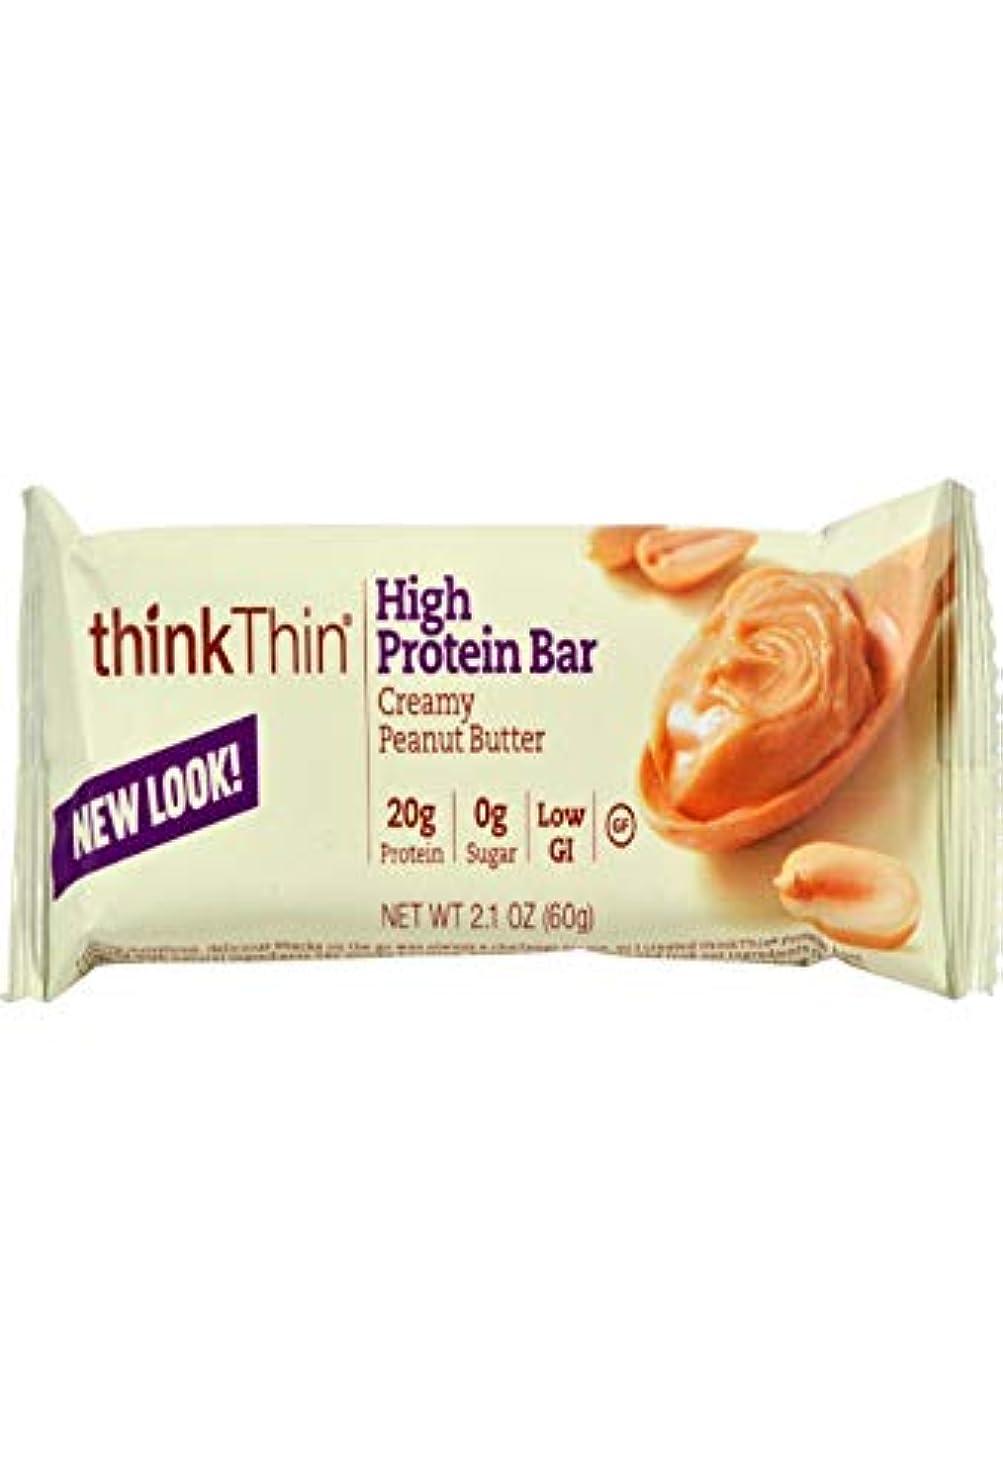 宇宙決めます老人Think Products - thinkThin タンパク質バー ボックス分厚いピーナッツ バター - 1バー